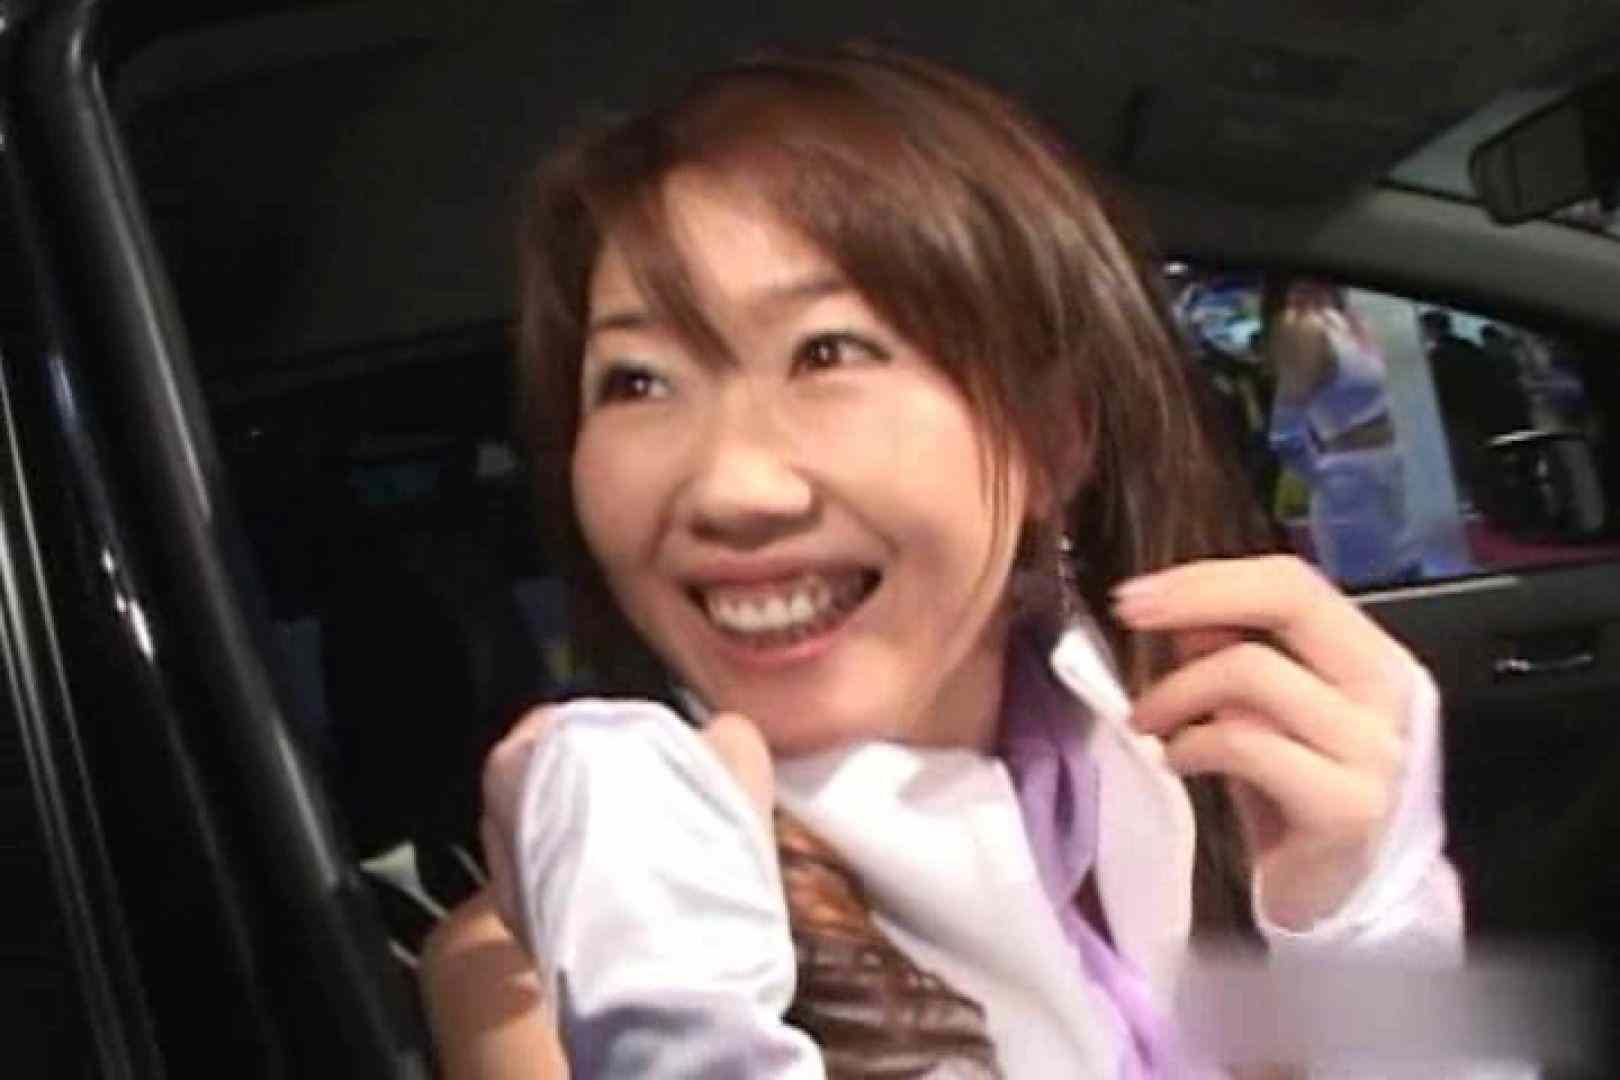 RQカメラ地獄Vol.32 お姉さん丸裸 濡れ場動画紹介 91pic 20